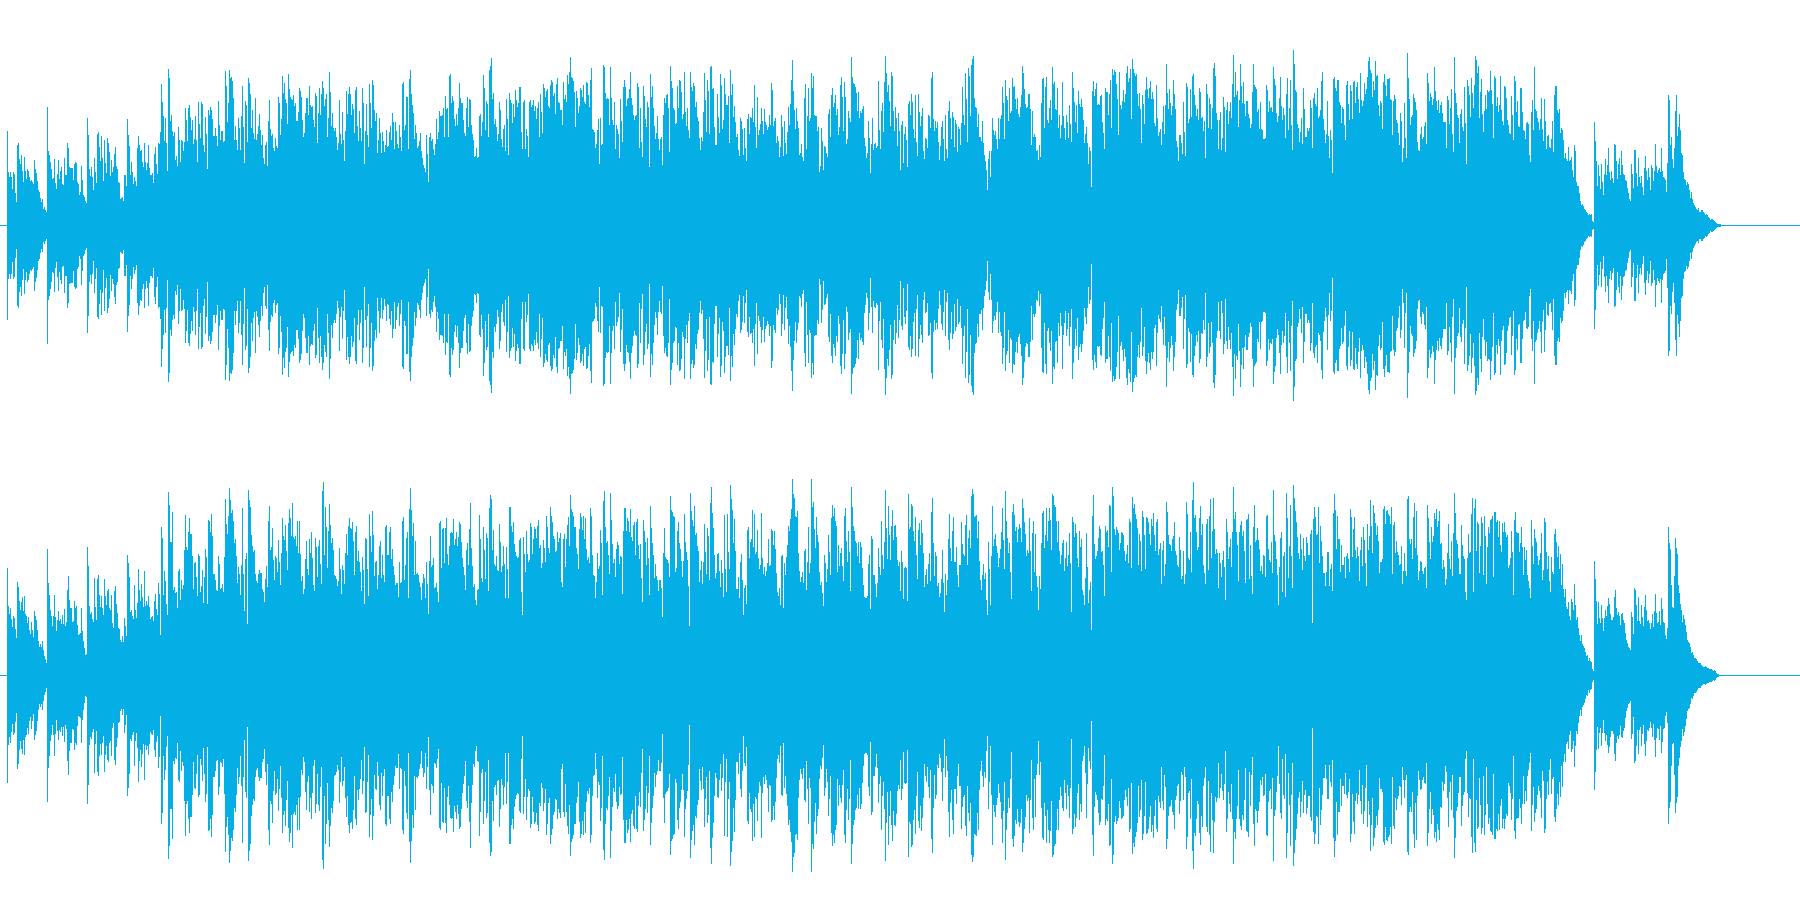 ノスタルジックなアコースティックの再生済みの波形